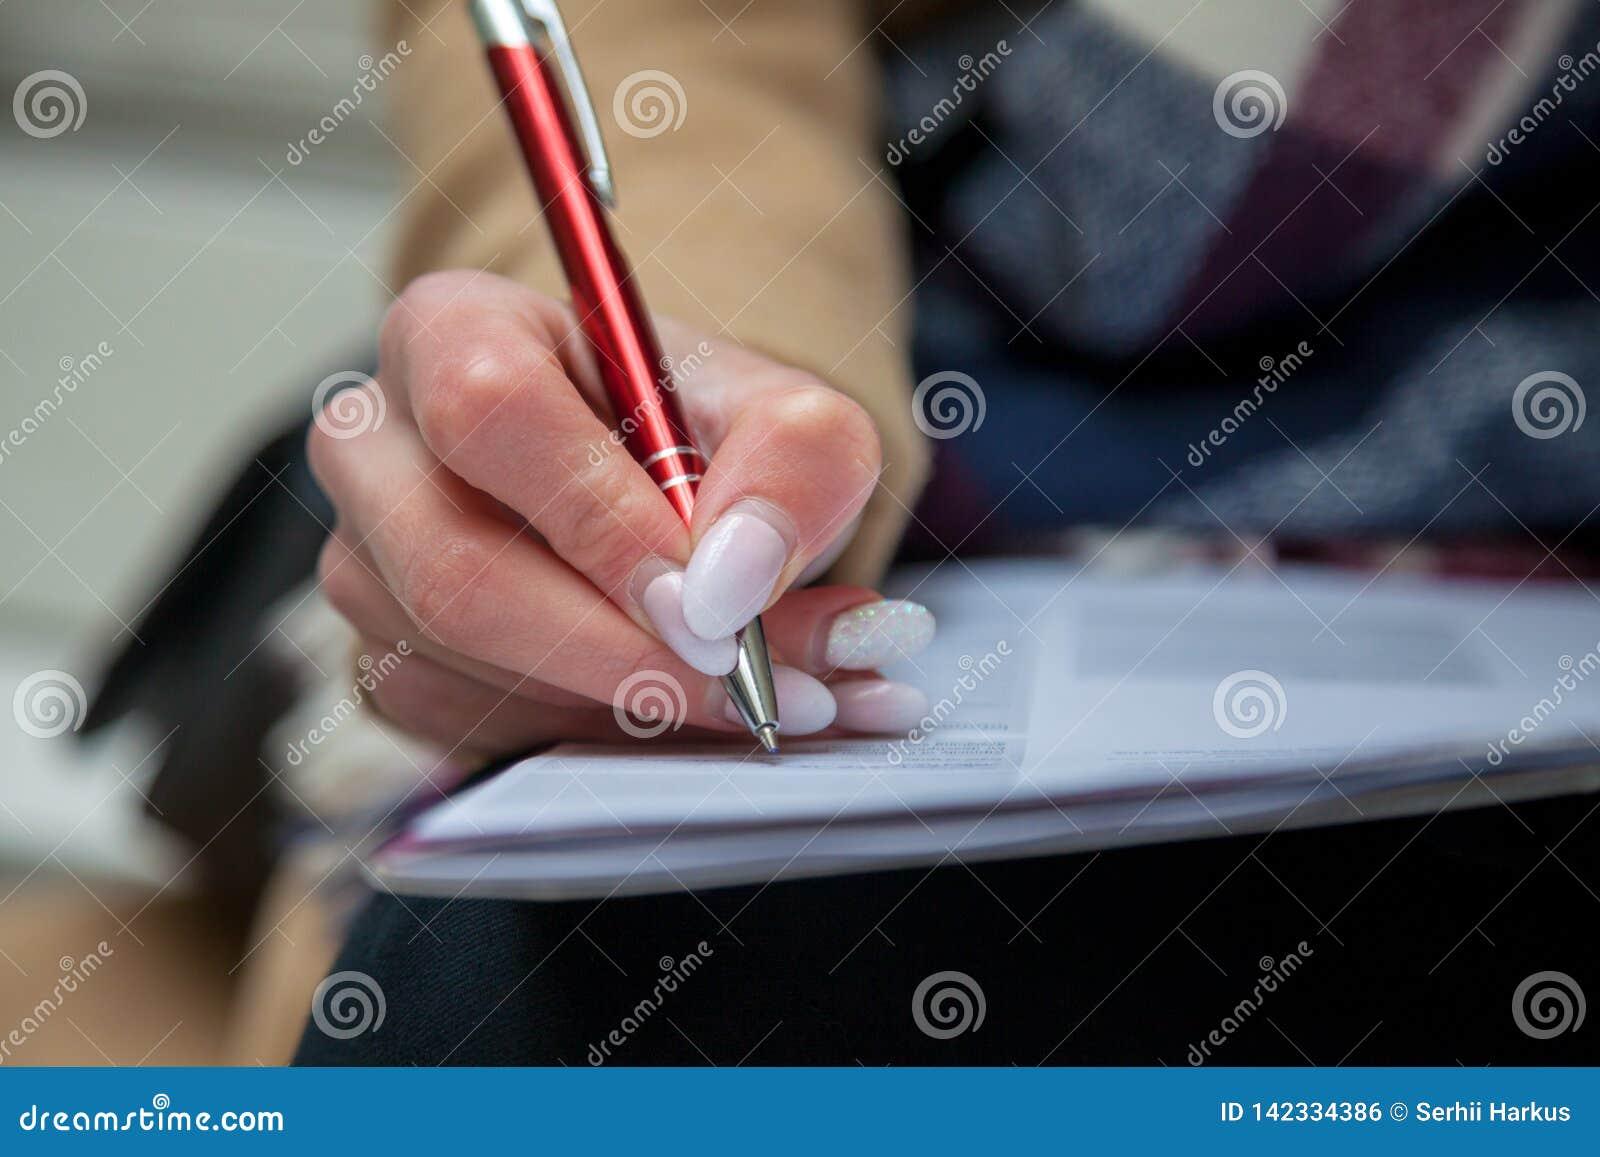 En bild av en hand och en penna som avslutar en form